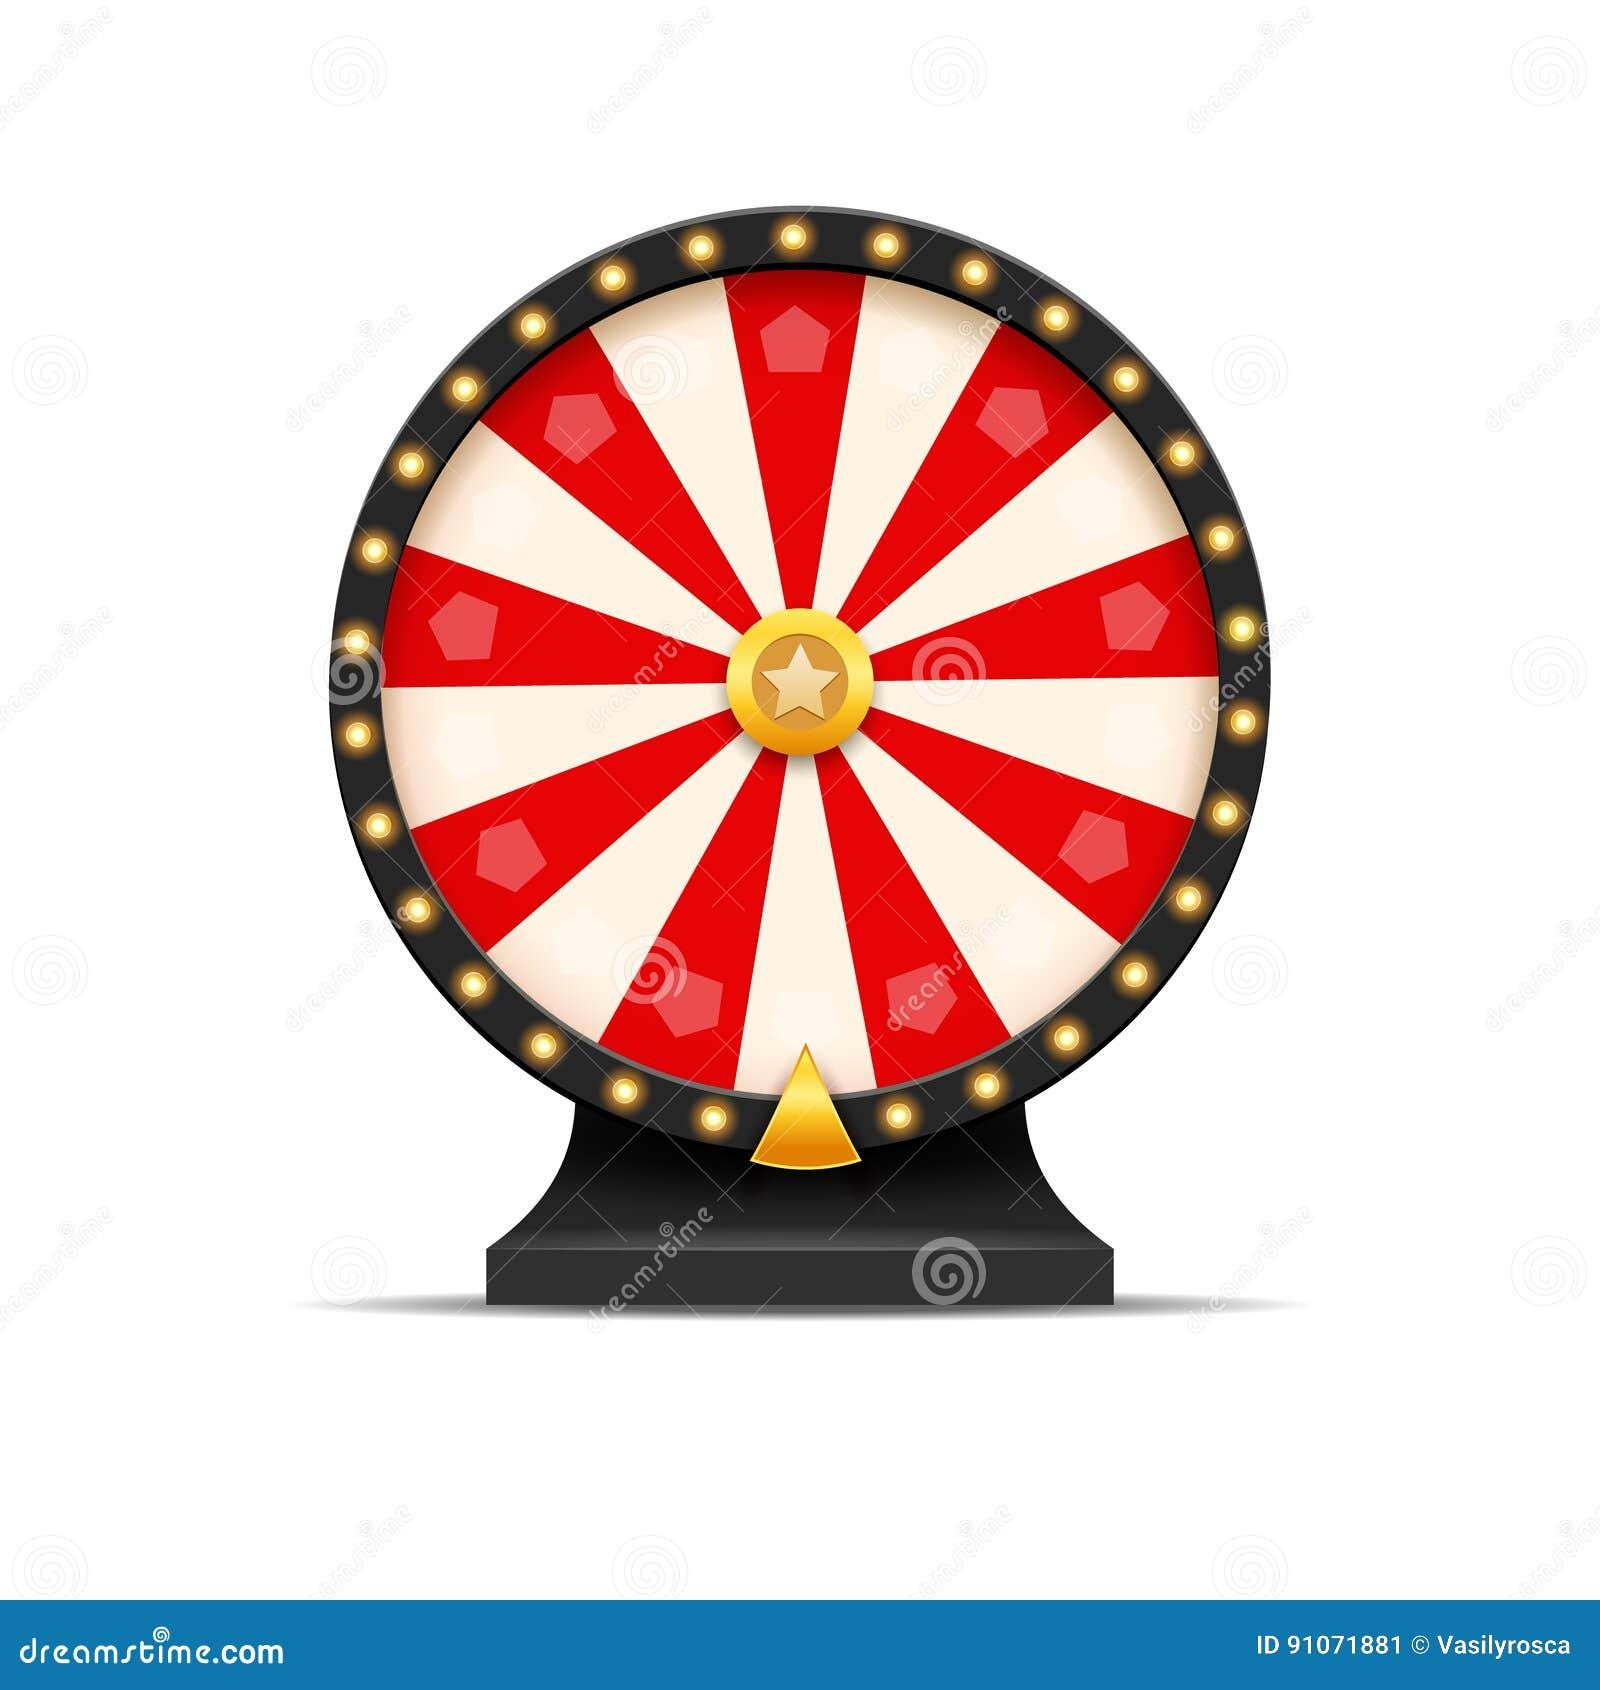 抓阄转轮抽奖运气例证 赌博娱乐场机会对策 胜利时运轮盘赌 赌博机会休闲